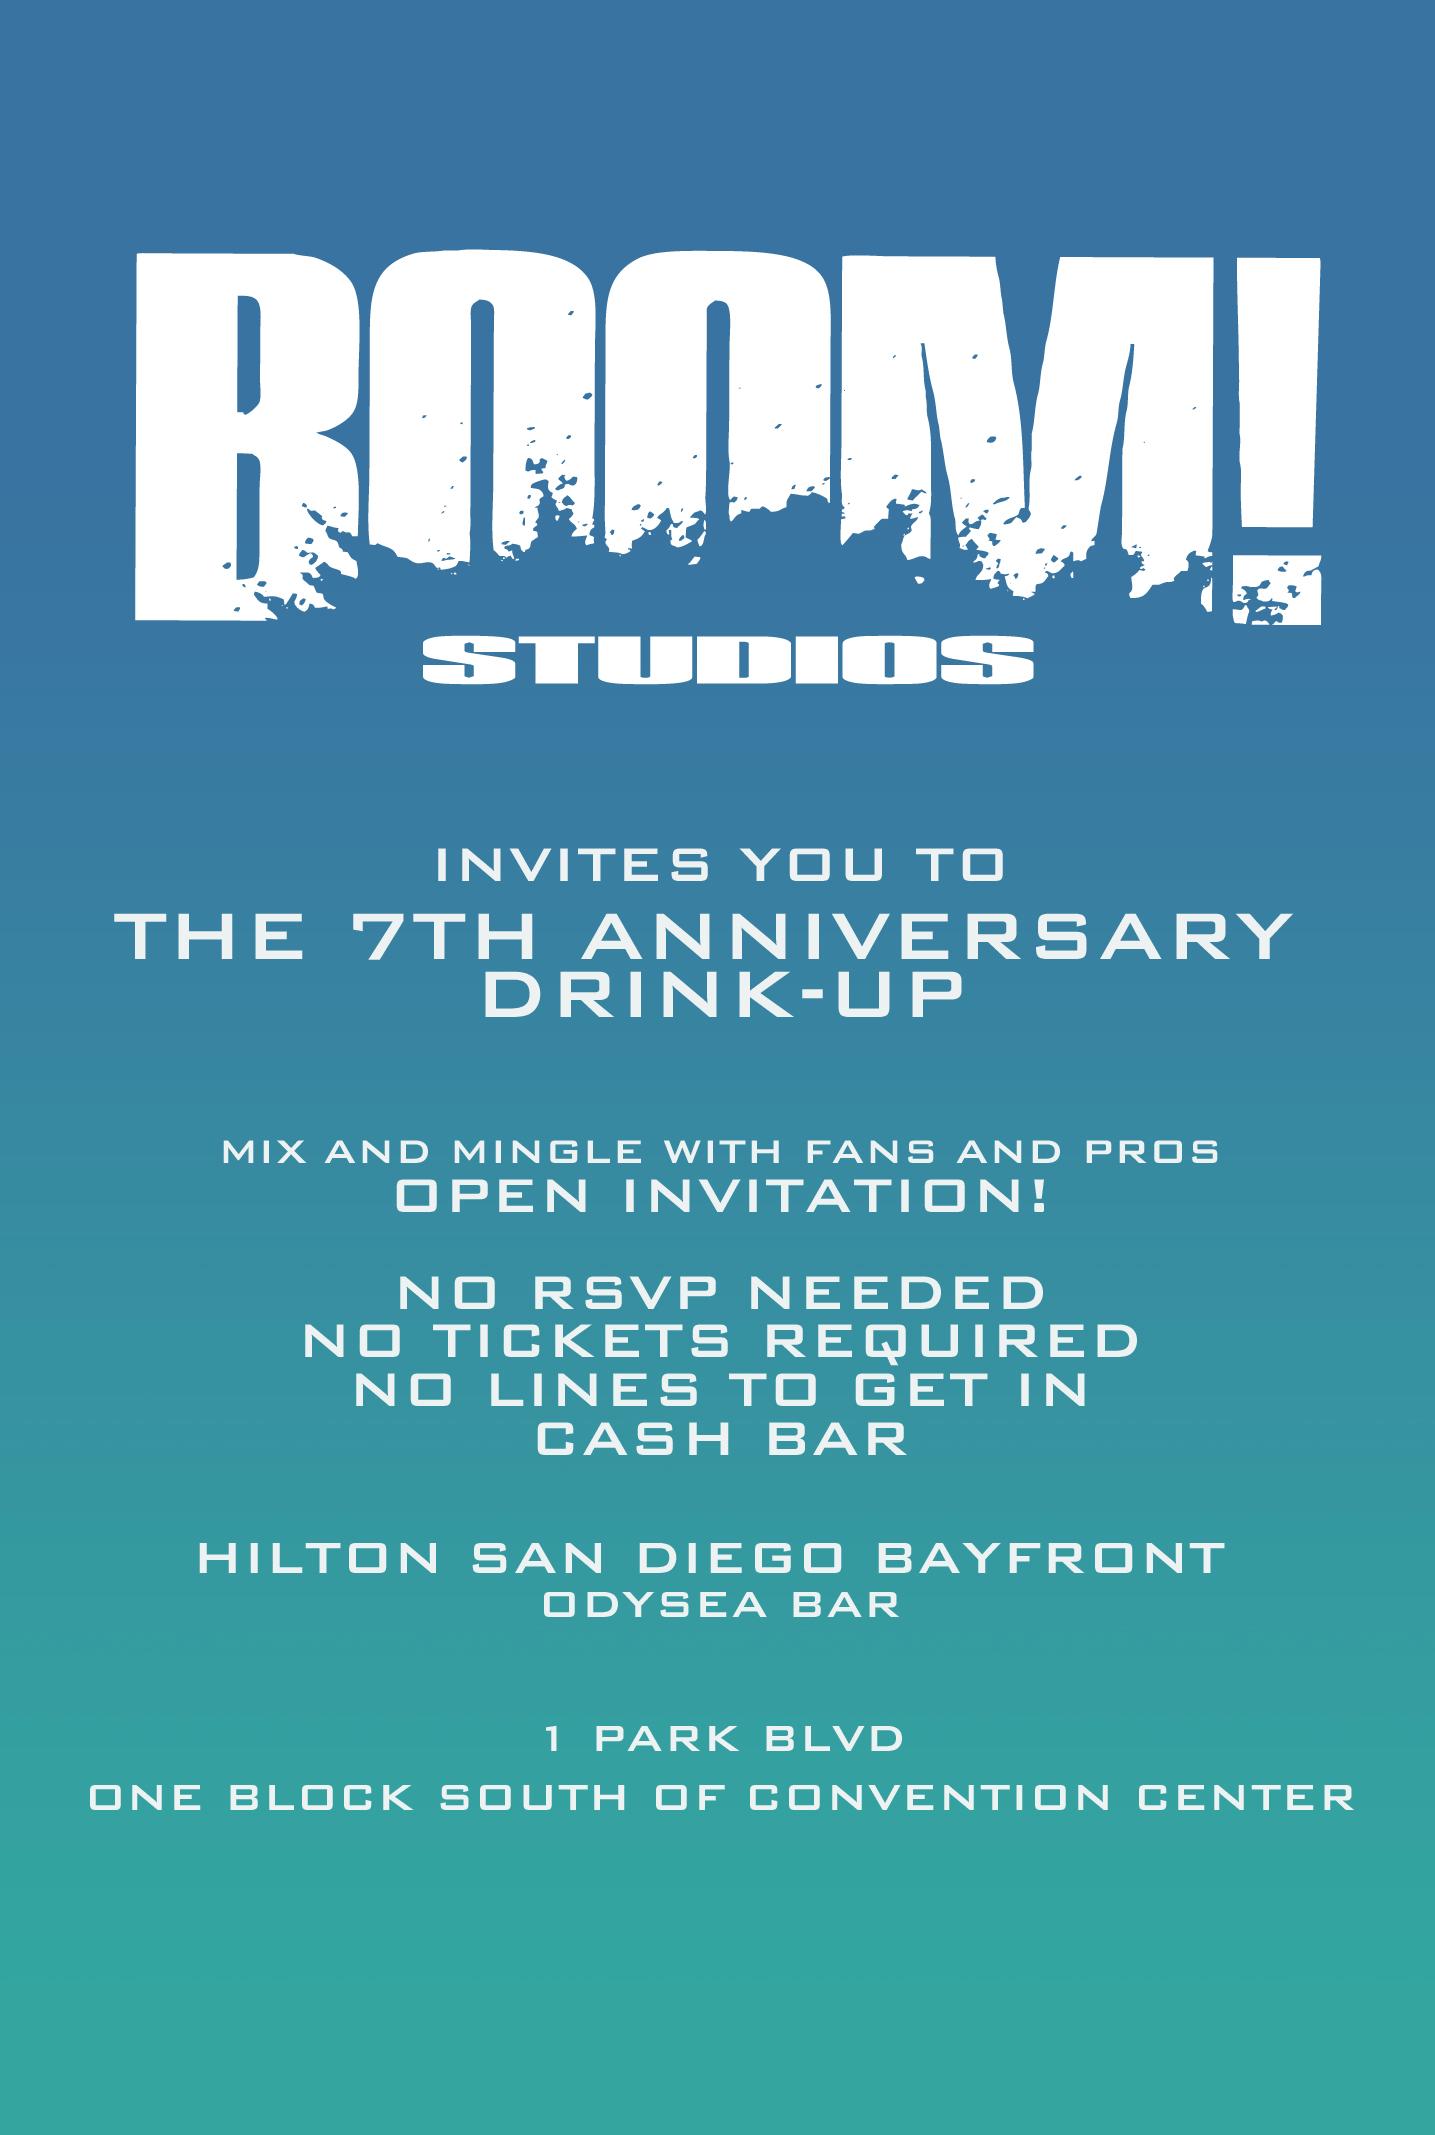 SDCC DRINKUP BACK 2012 SDCC12: Boom! Studios: Booth #2743